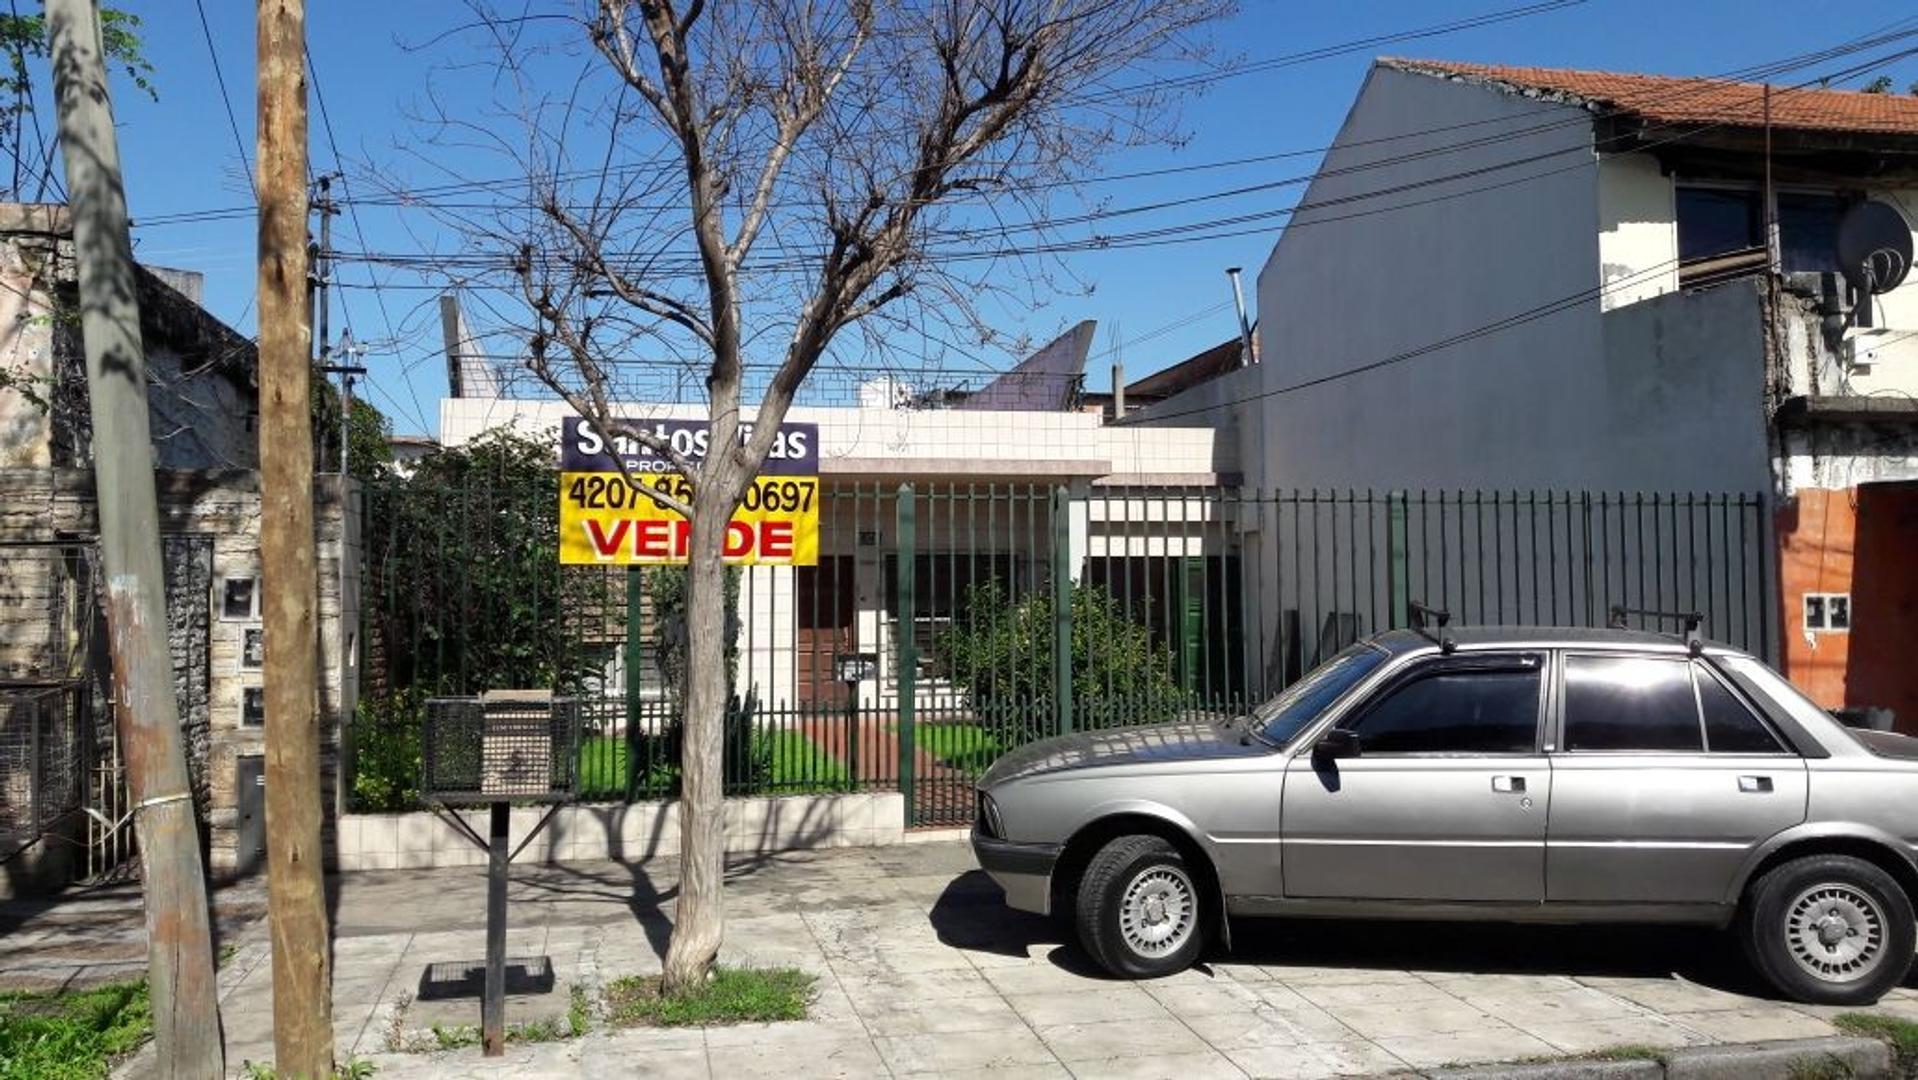 CASA HELGUERA 4900 - VILLA DOMINICO - 4 AMBIENTES CON GARAGE Y FONDO